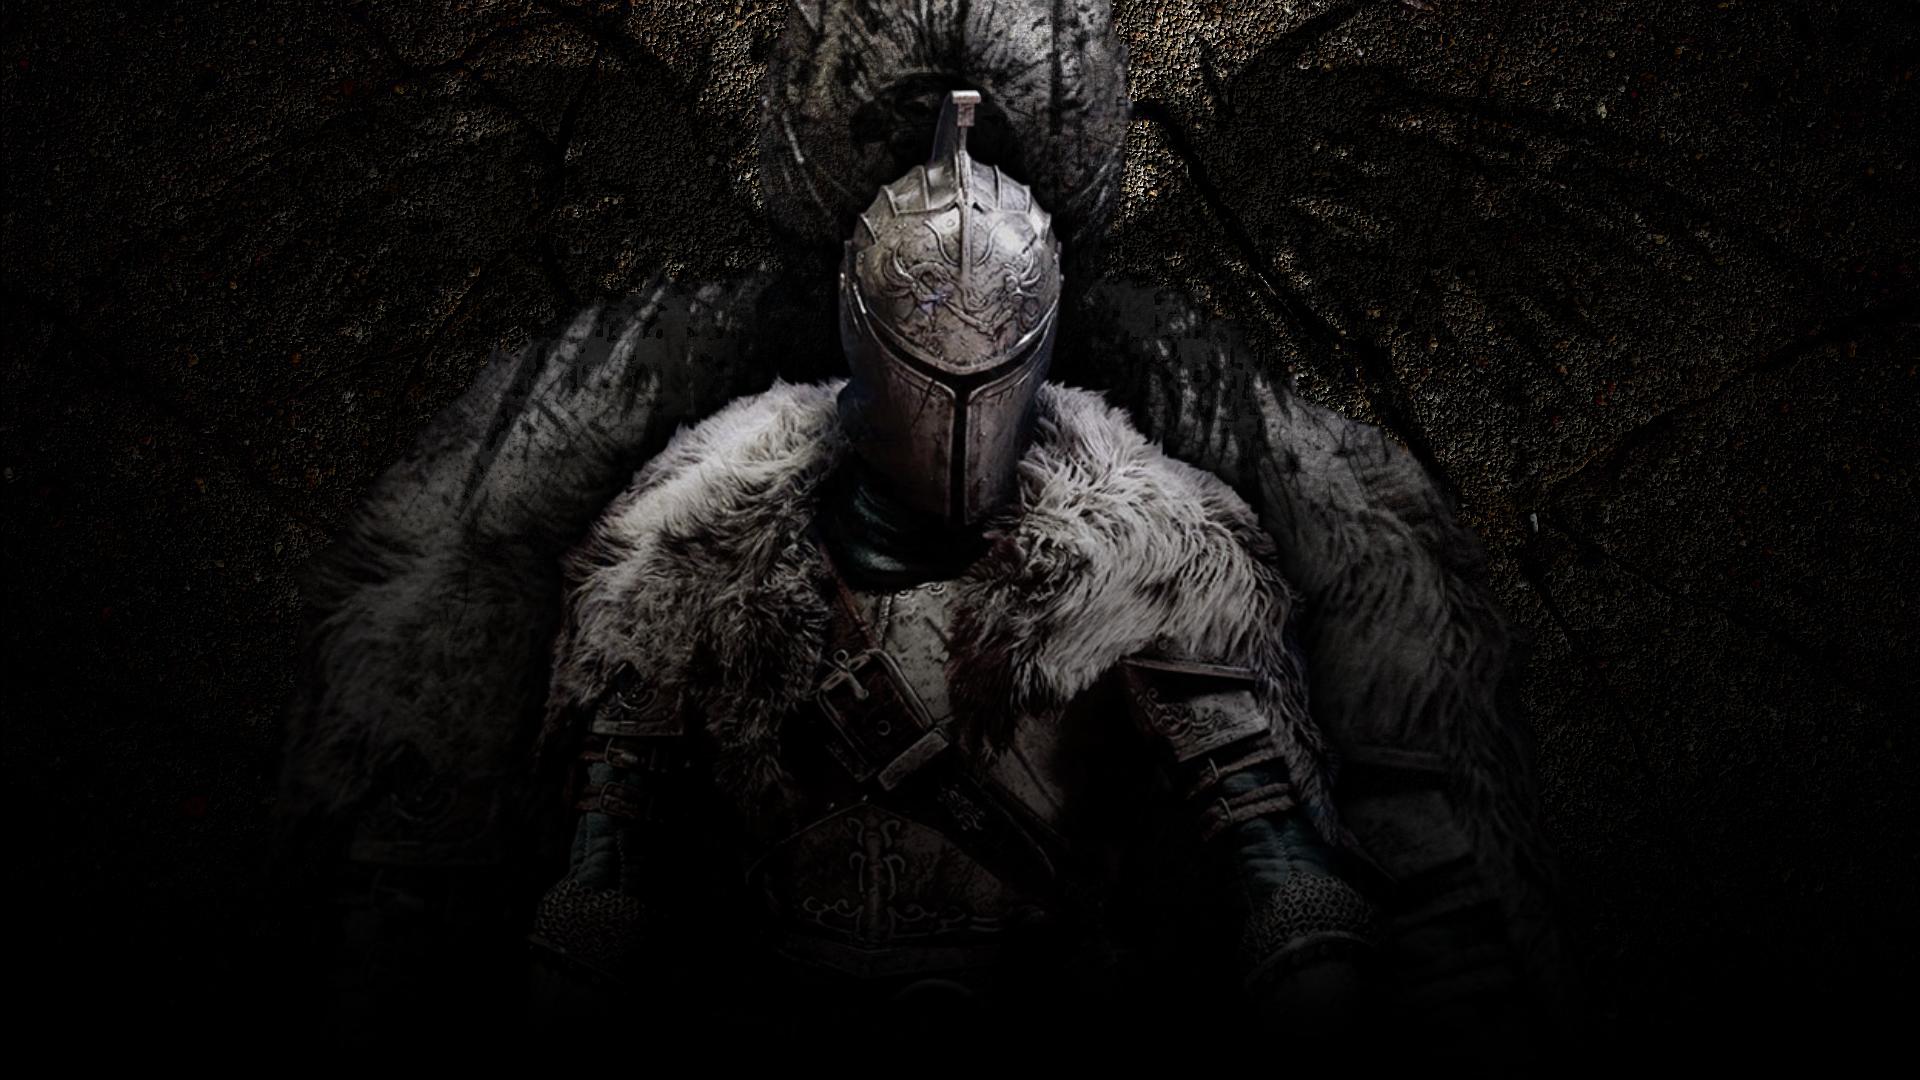 Artwork Dark Souls Ii Wallpaper: Dark Souls II By AziiOne On DeviantArt